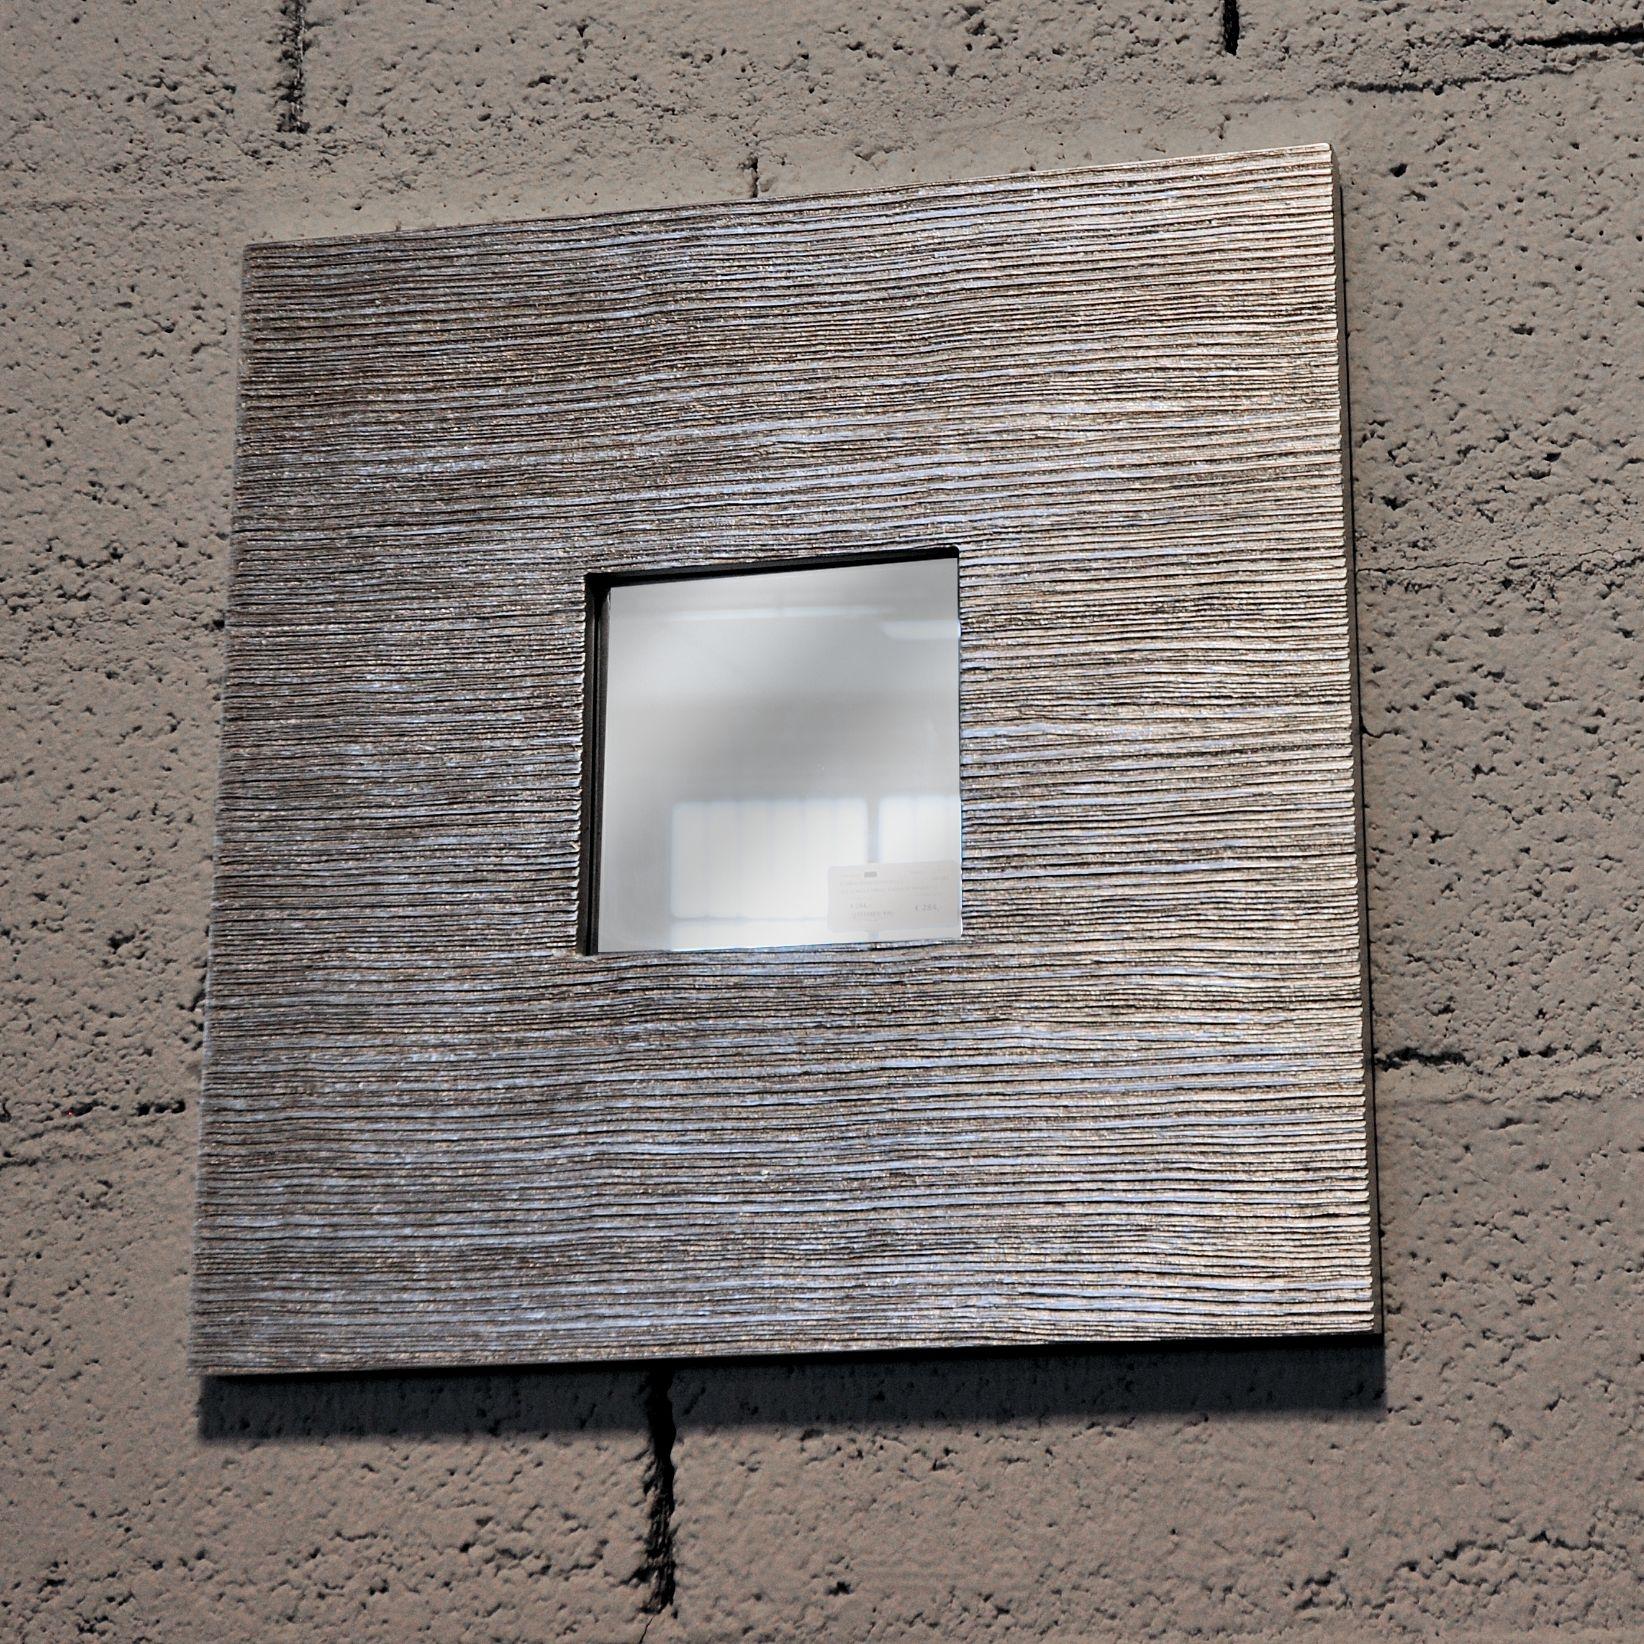 Specchio Ethnic argento -35% - Complementi a prezzi scontati